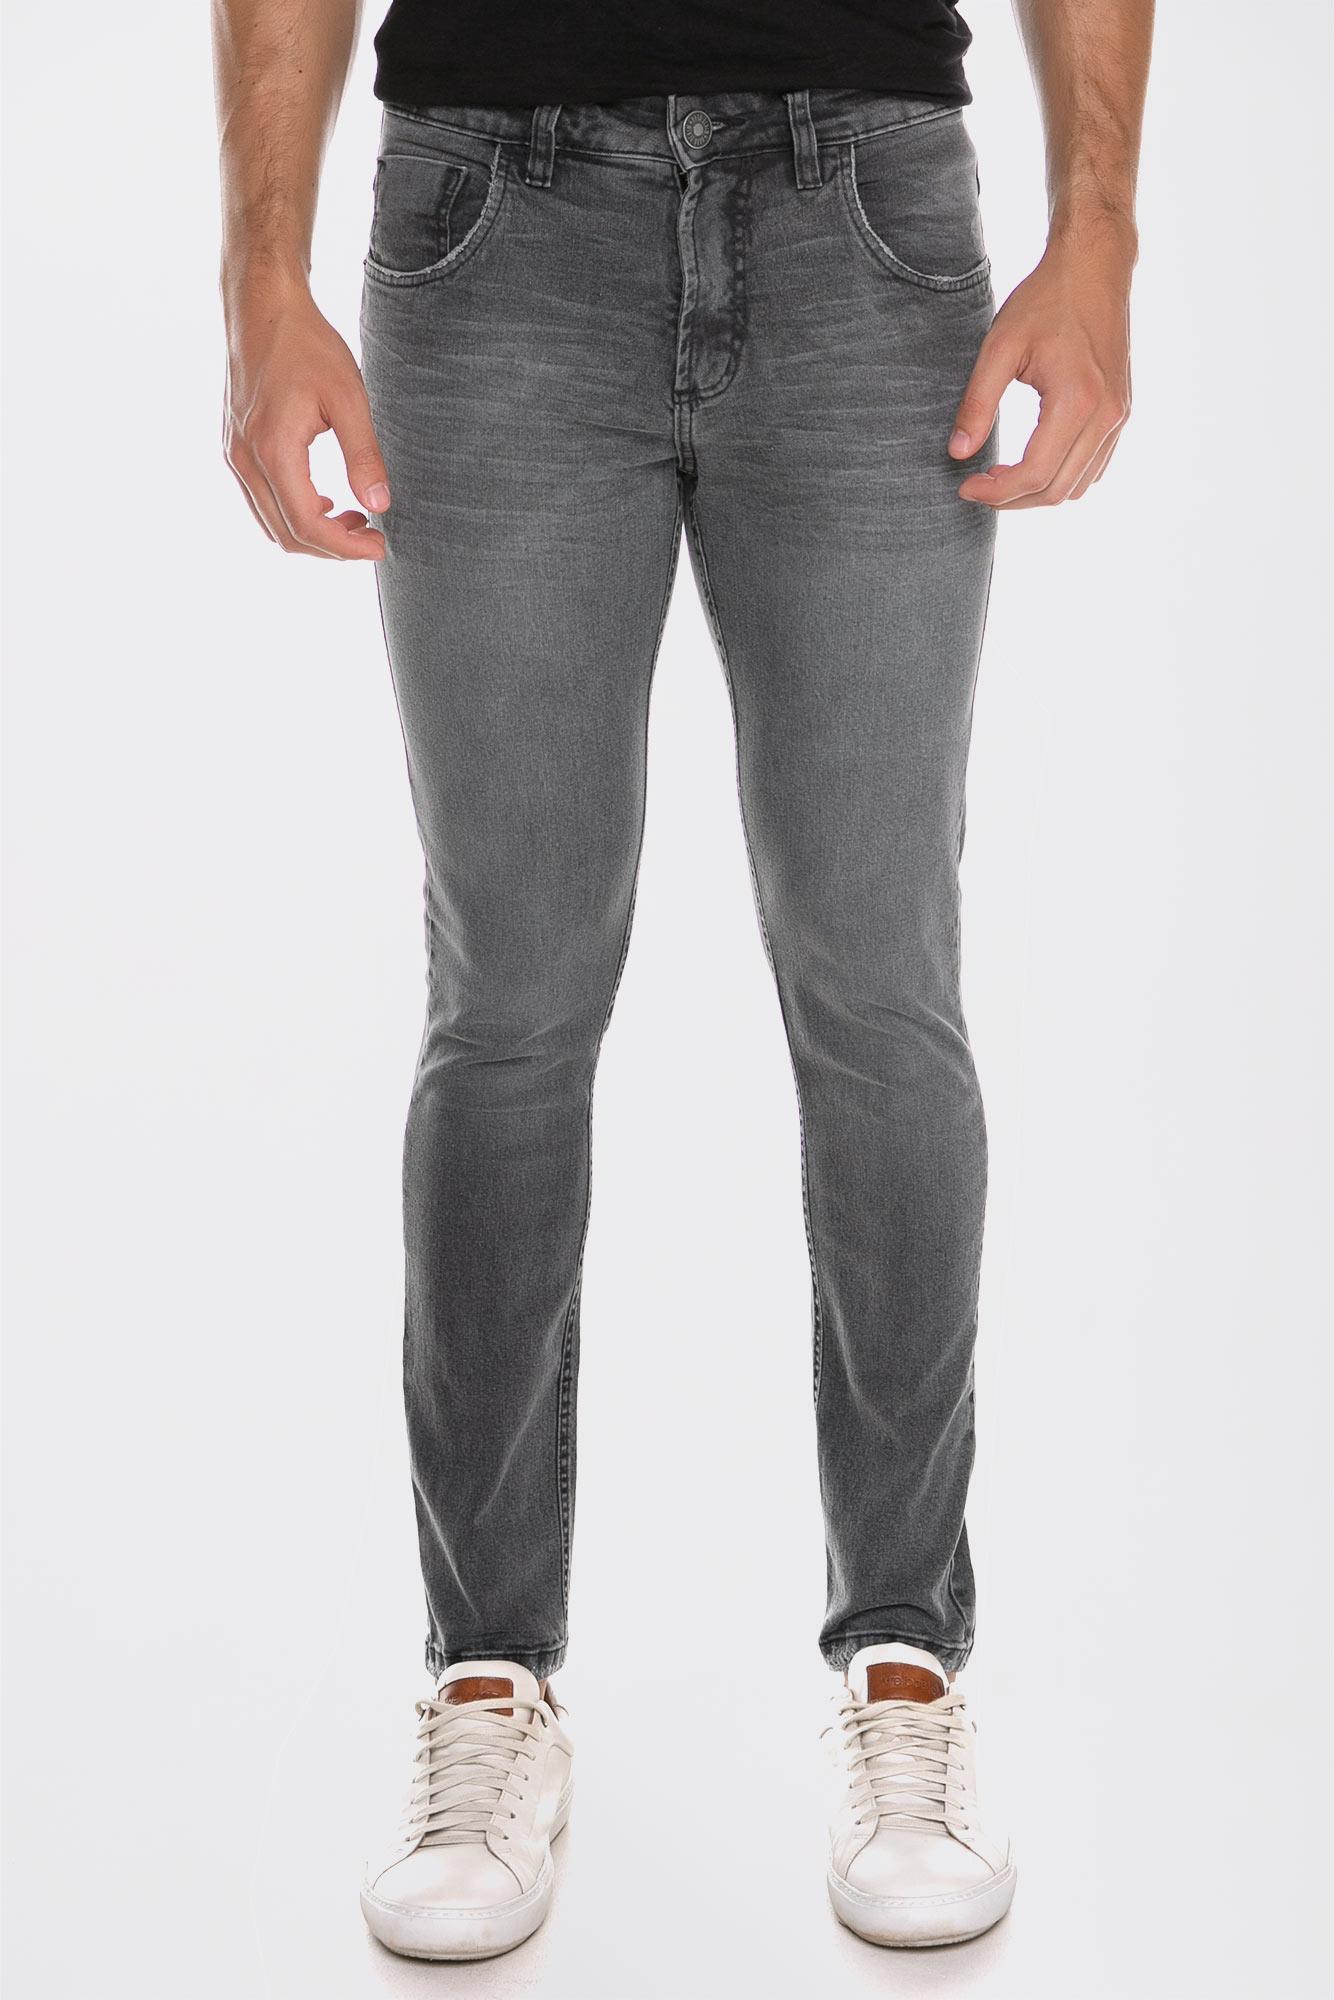 Calça Jeans Grayscale